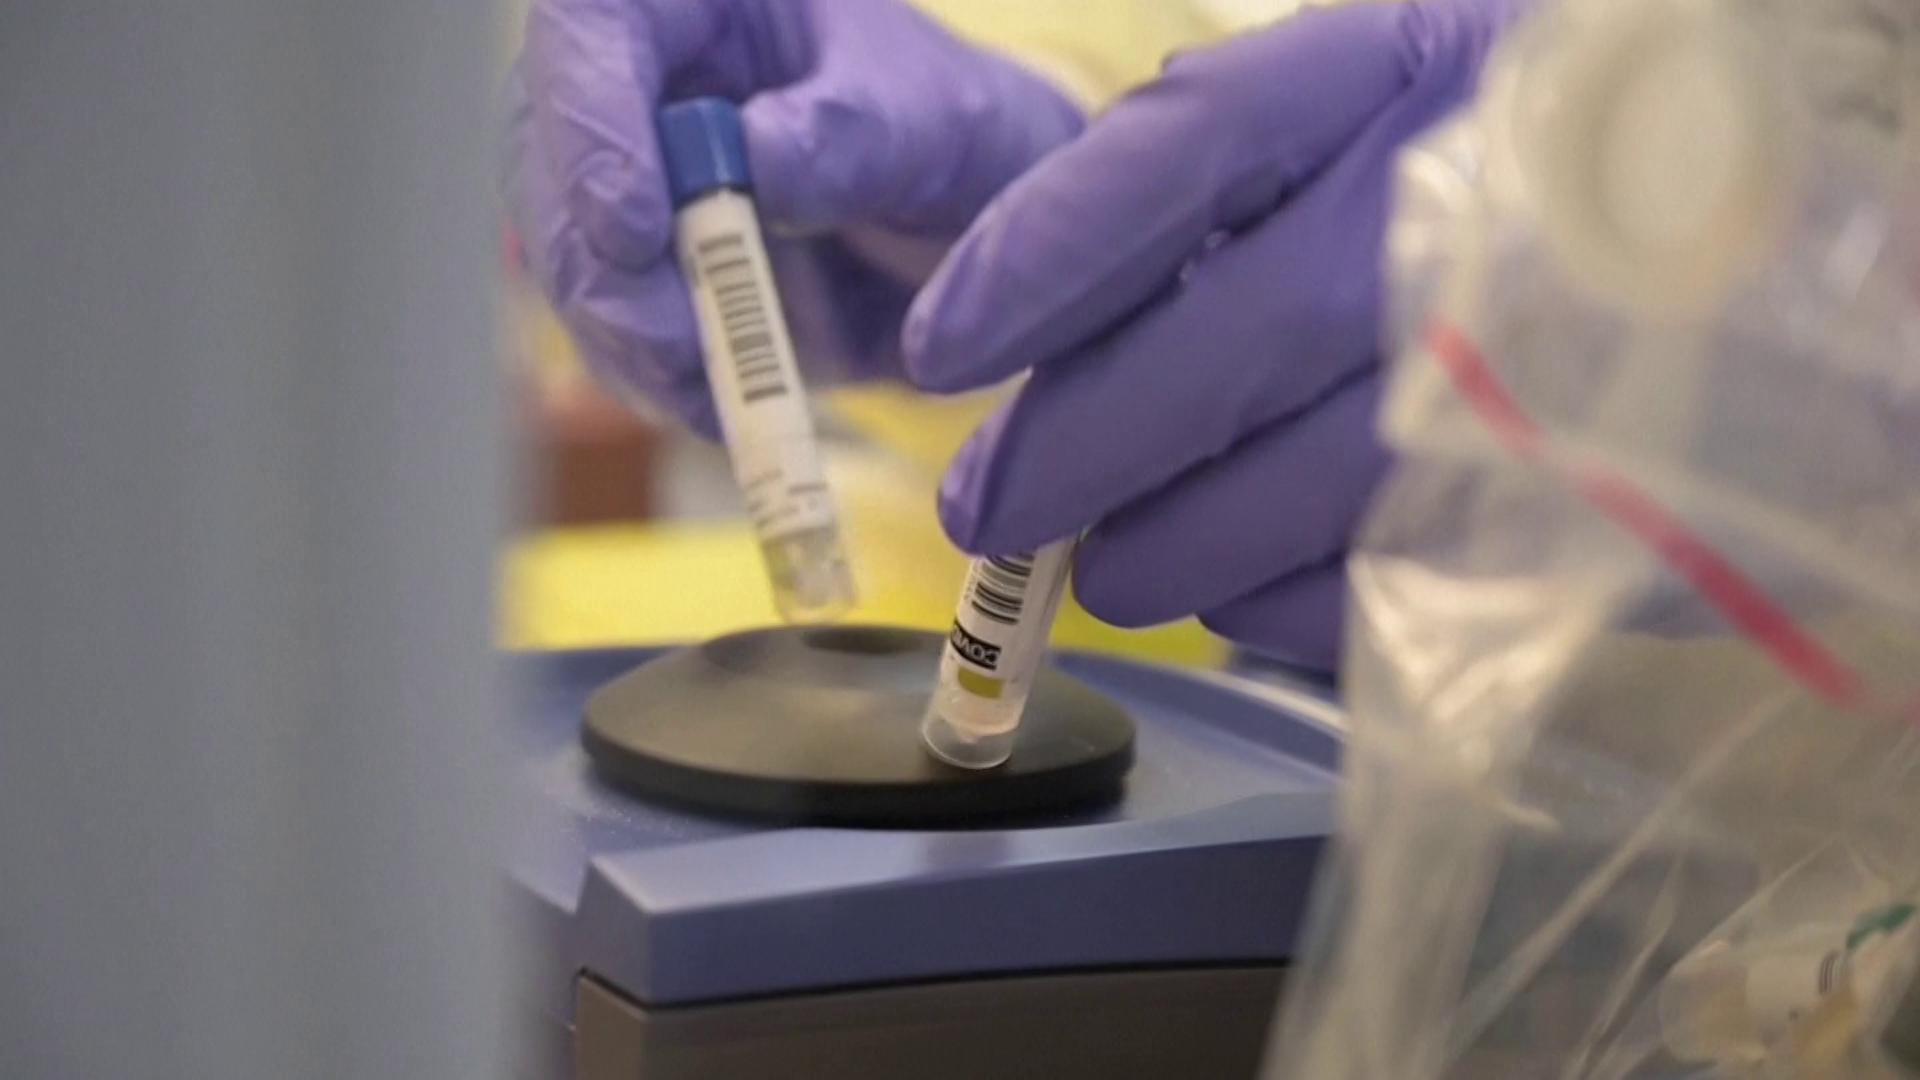 Médicos analisam amostras para detectar coronavírus